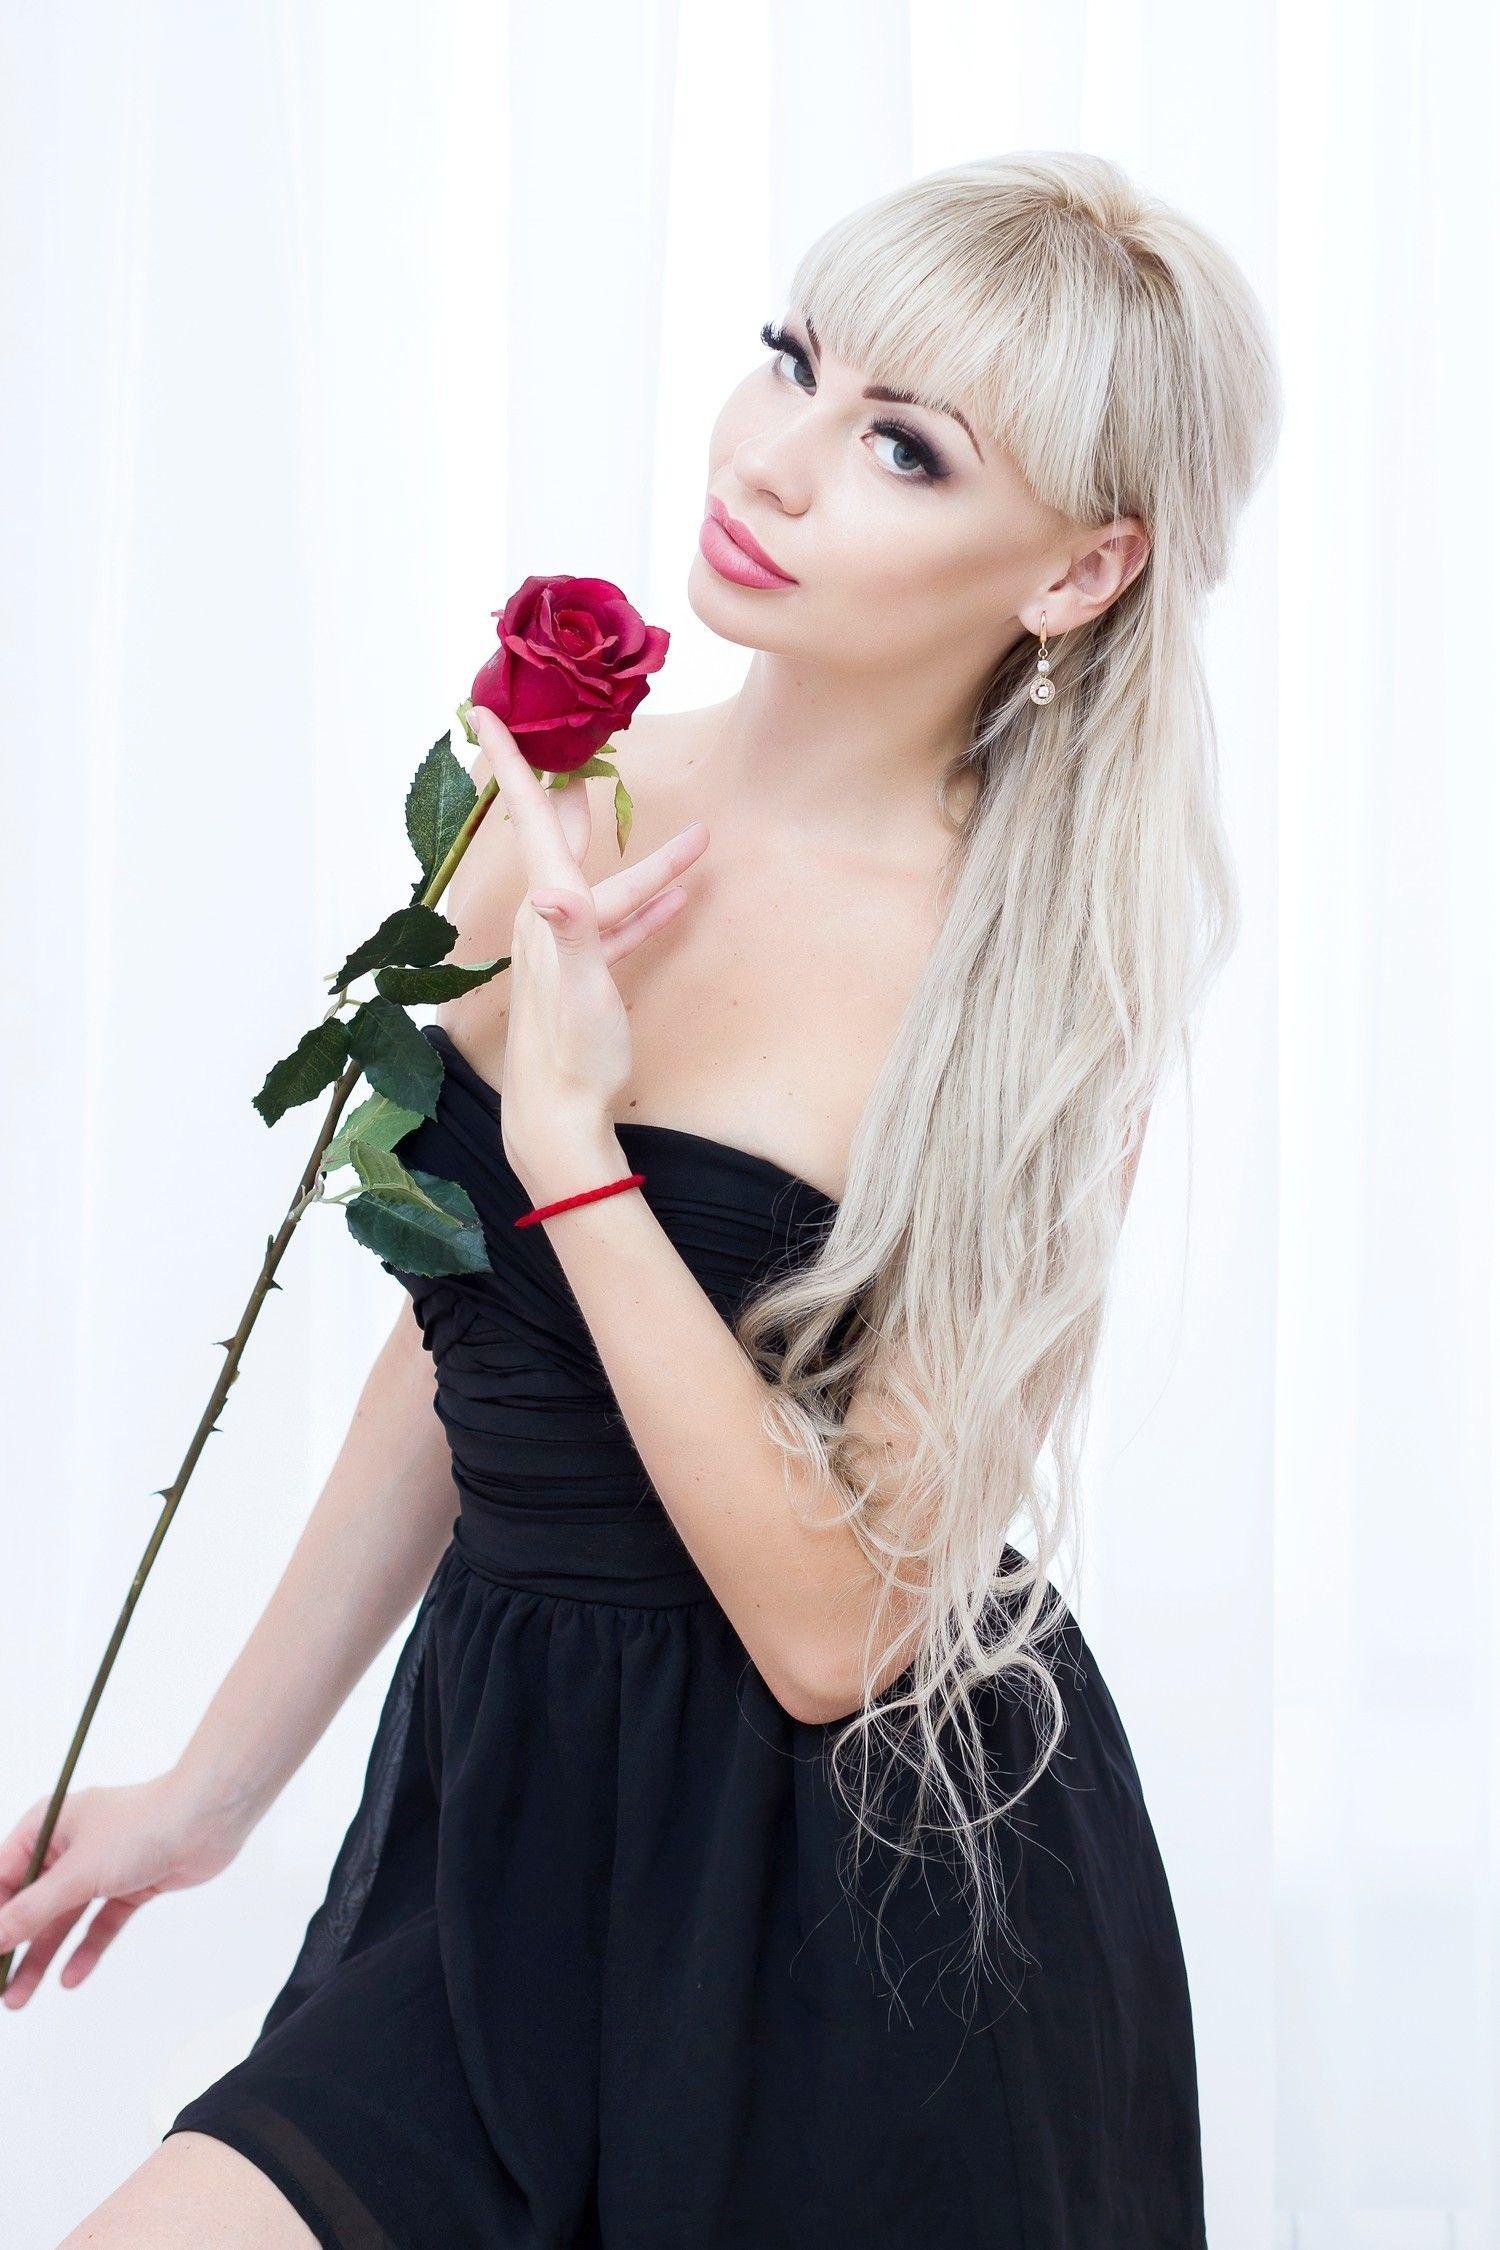 Singles vida de solteiro online dating